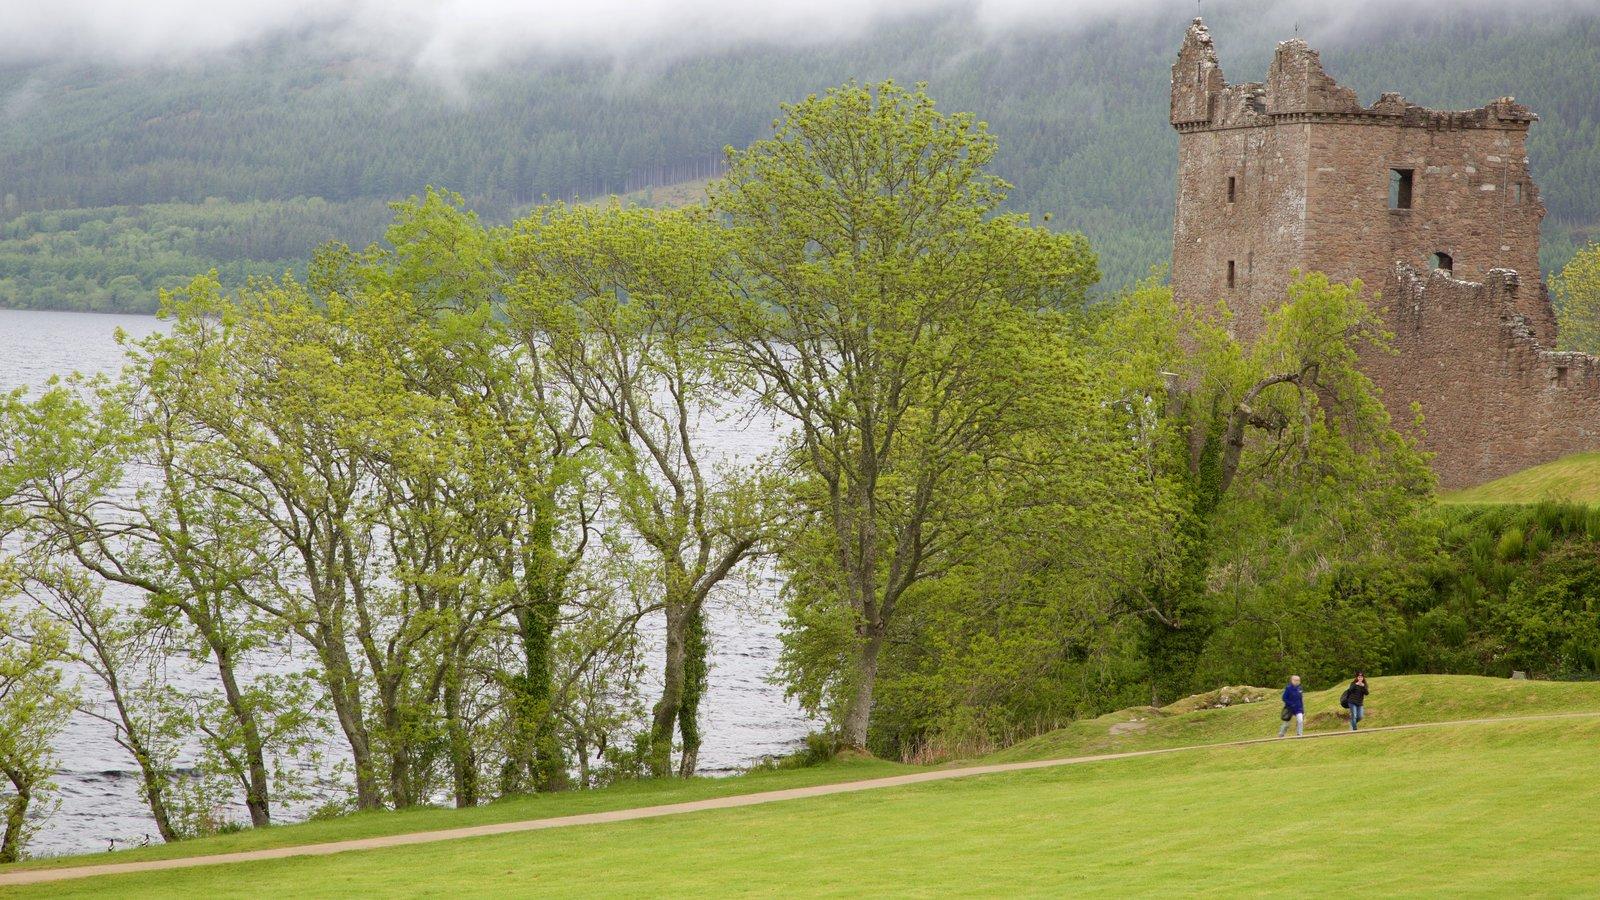 Castillo de Urquhart mostrando elementos del patrimonio, una ruina y castillo o palacio